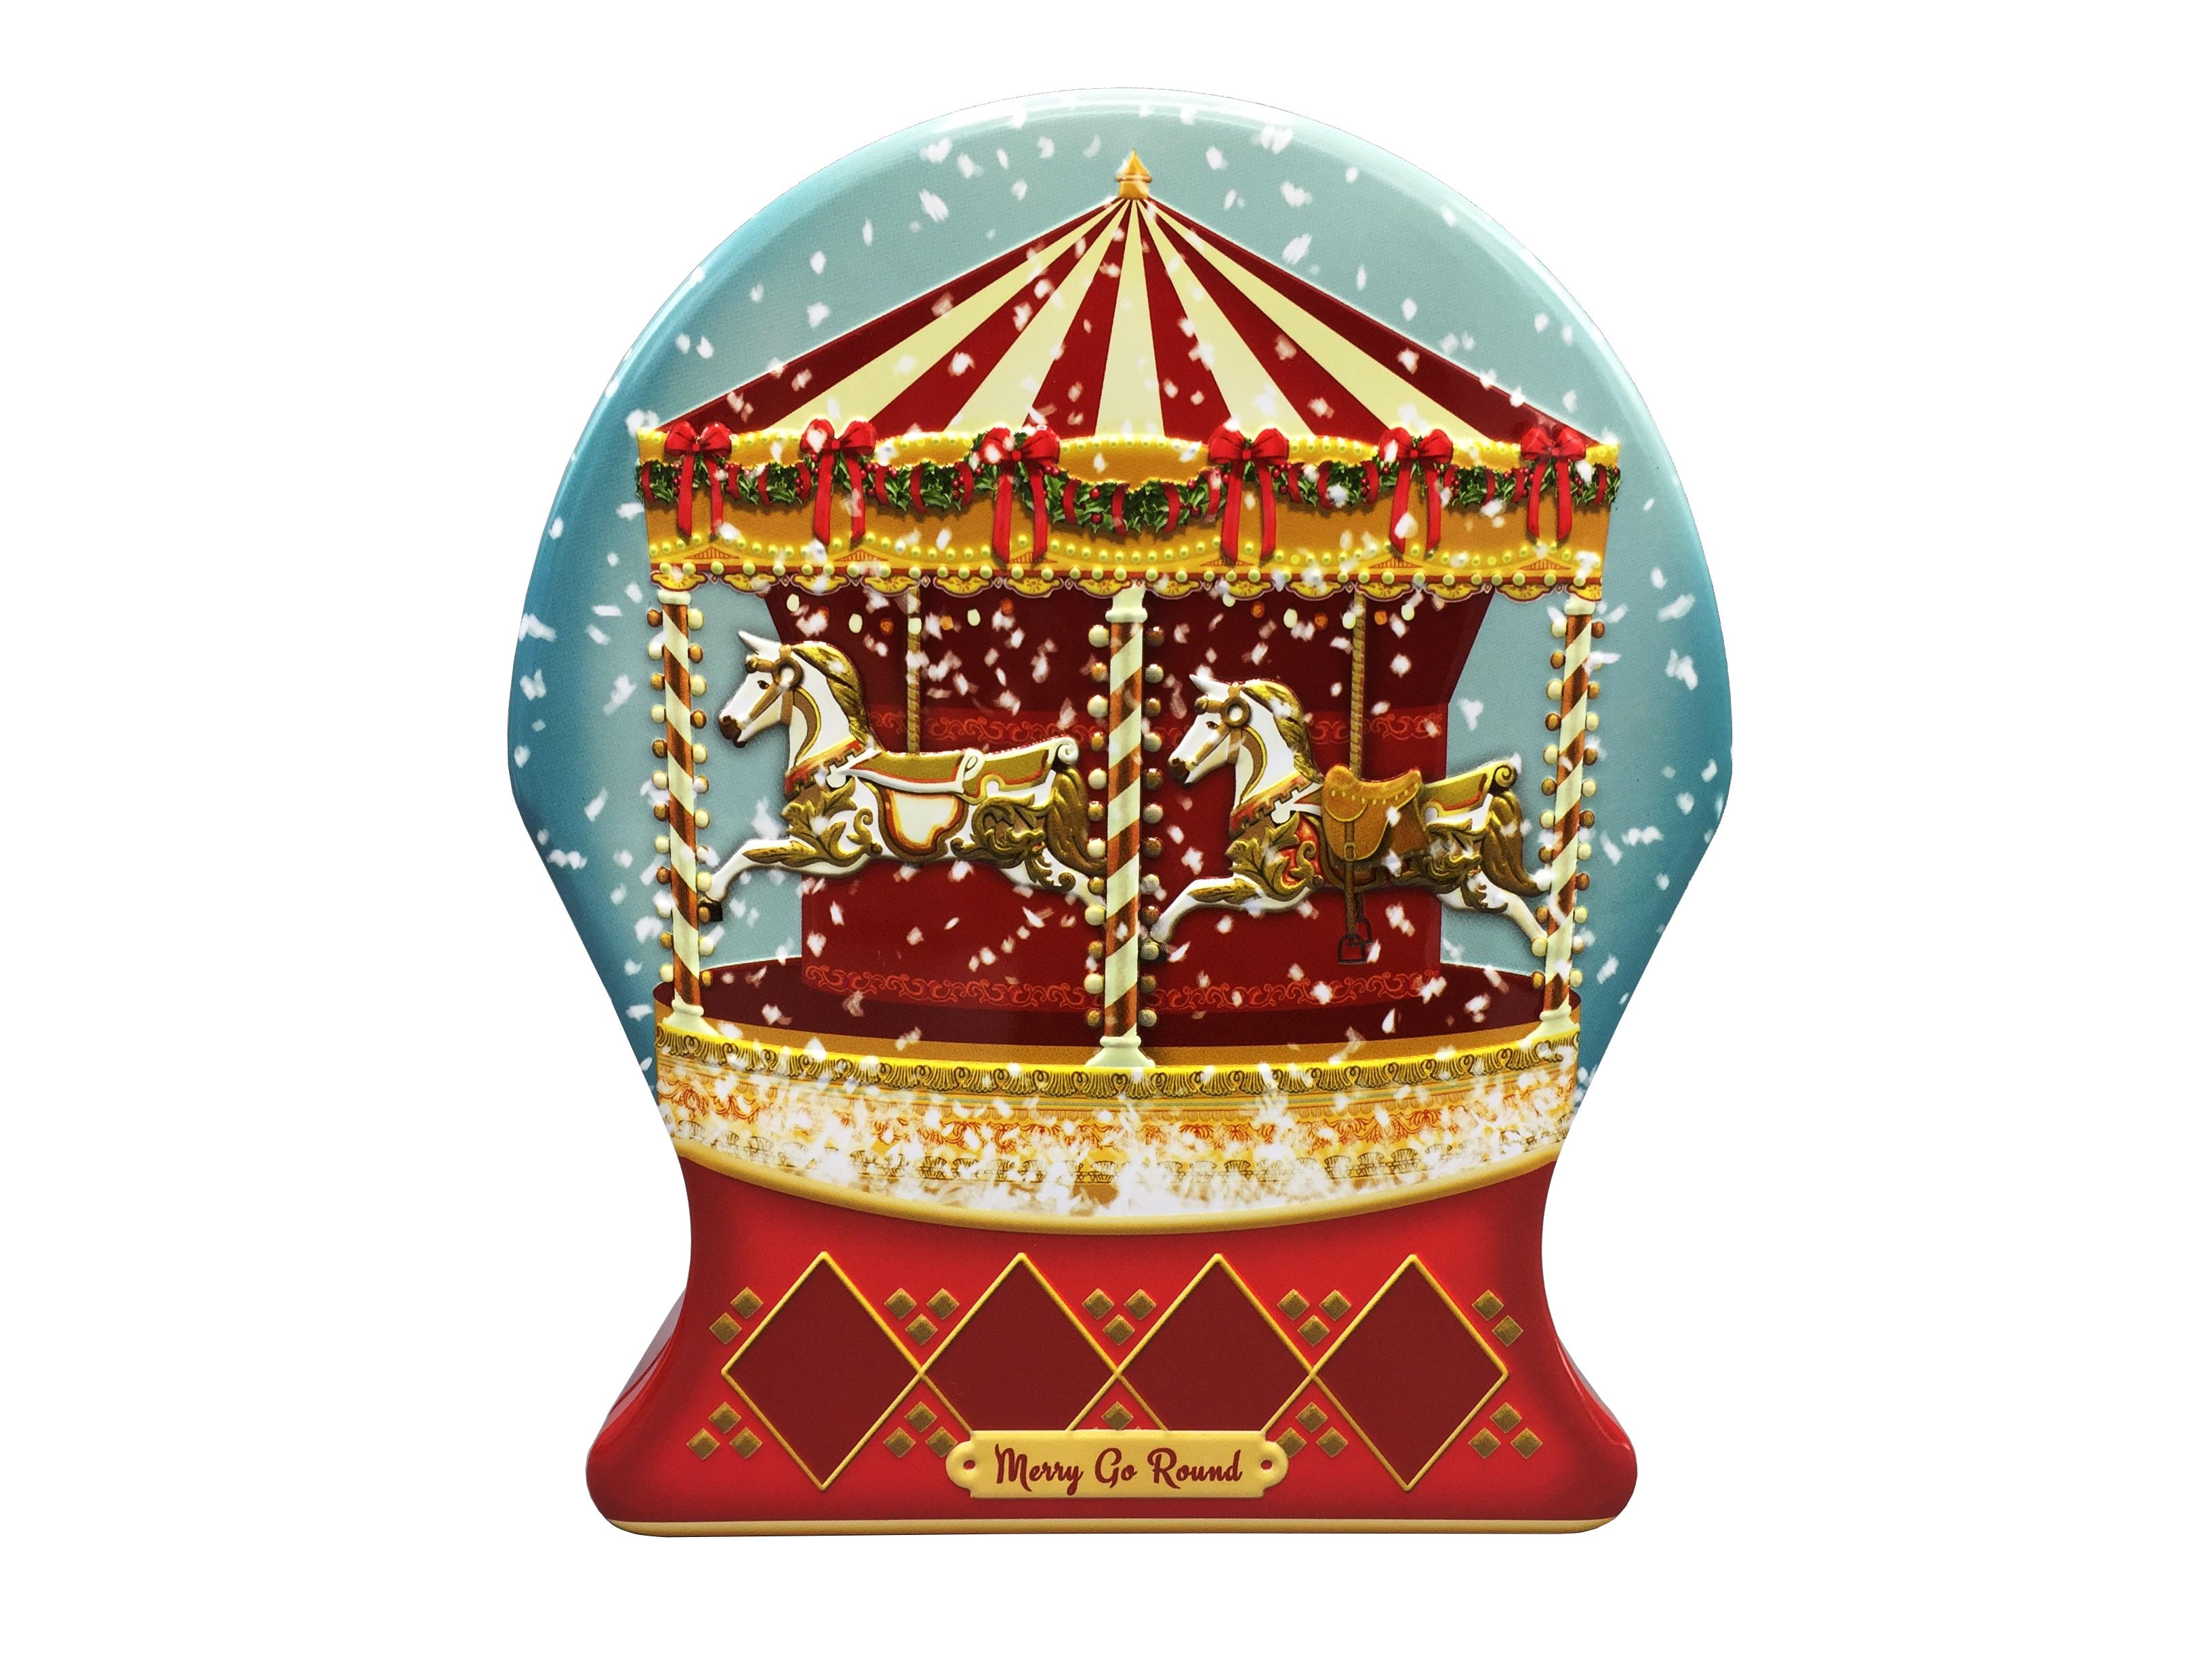 10440 Schneekugel Merry Go Round